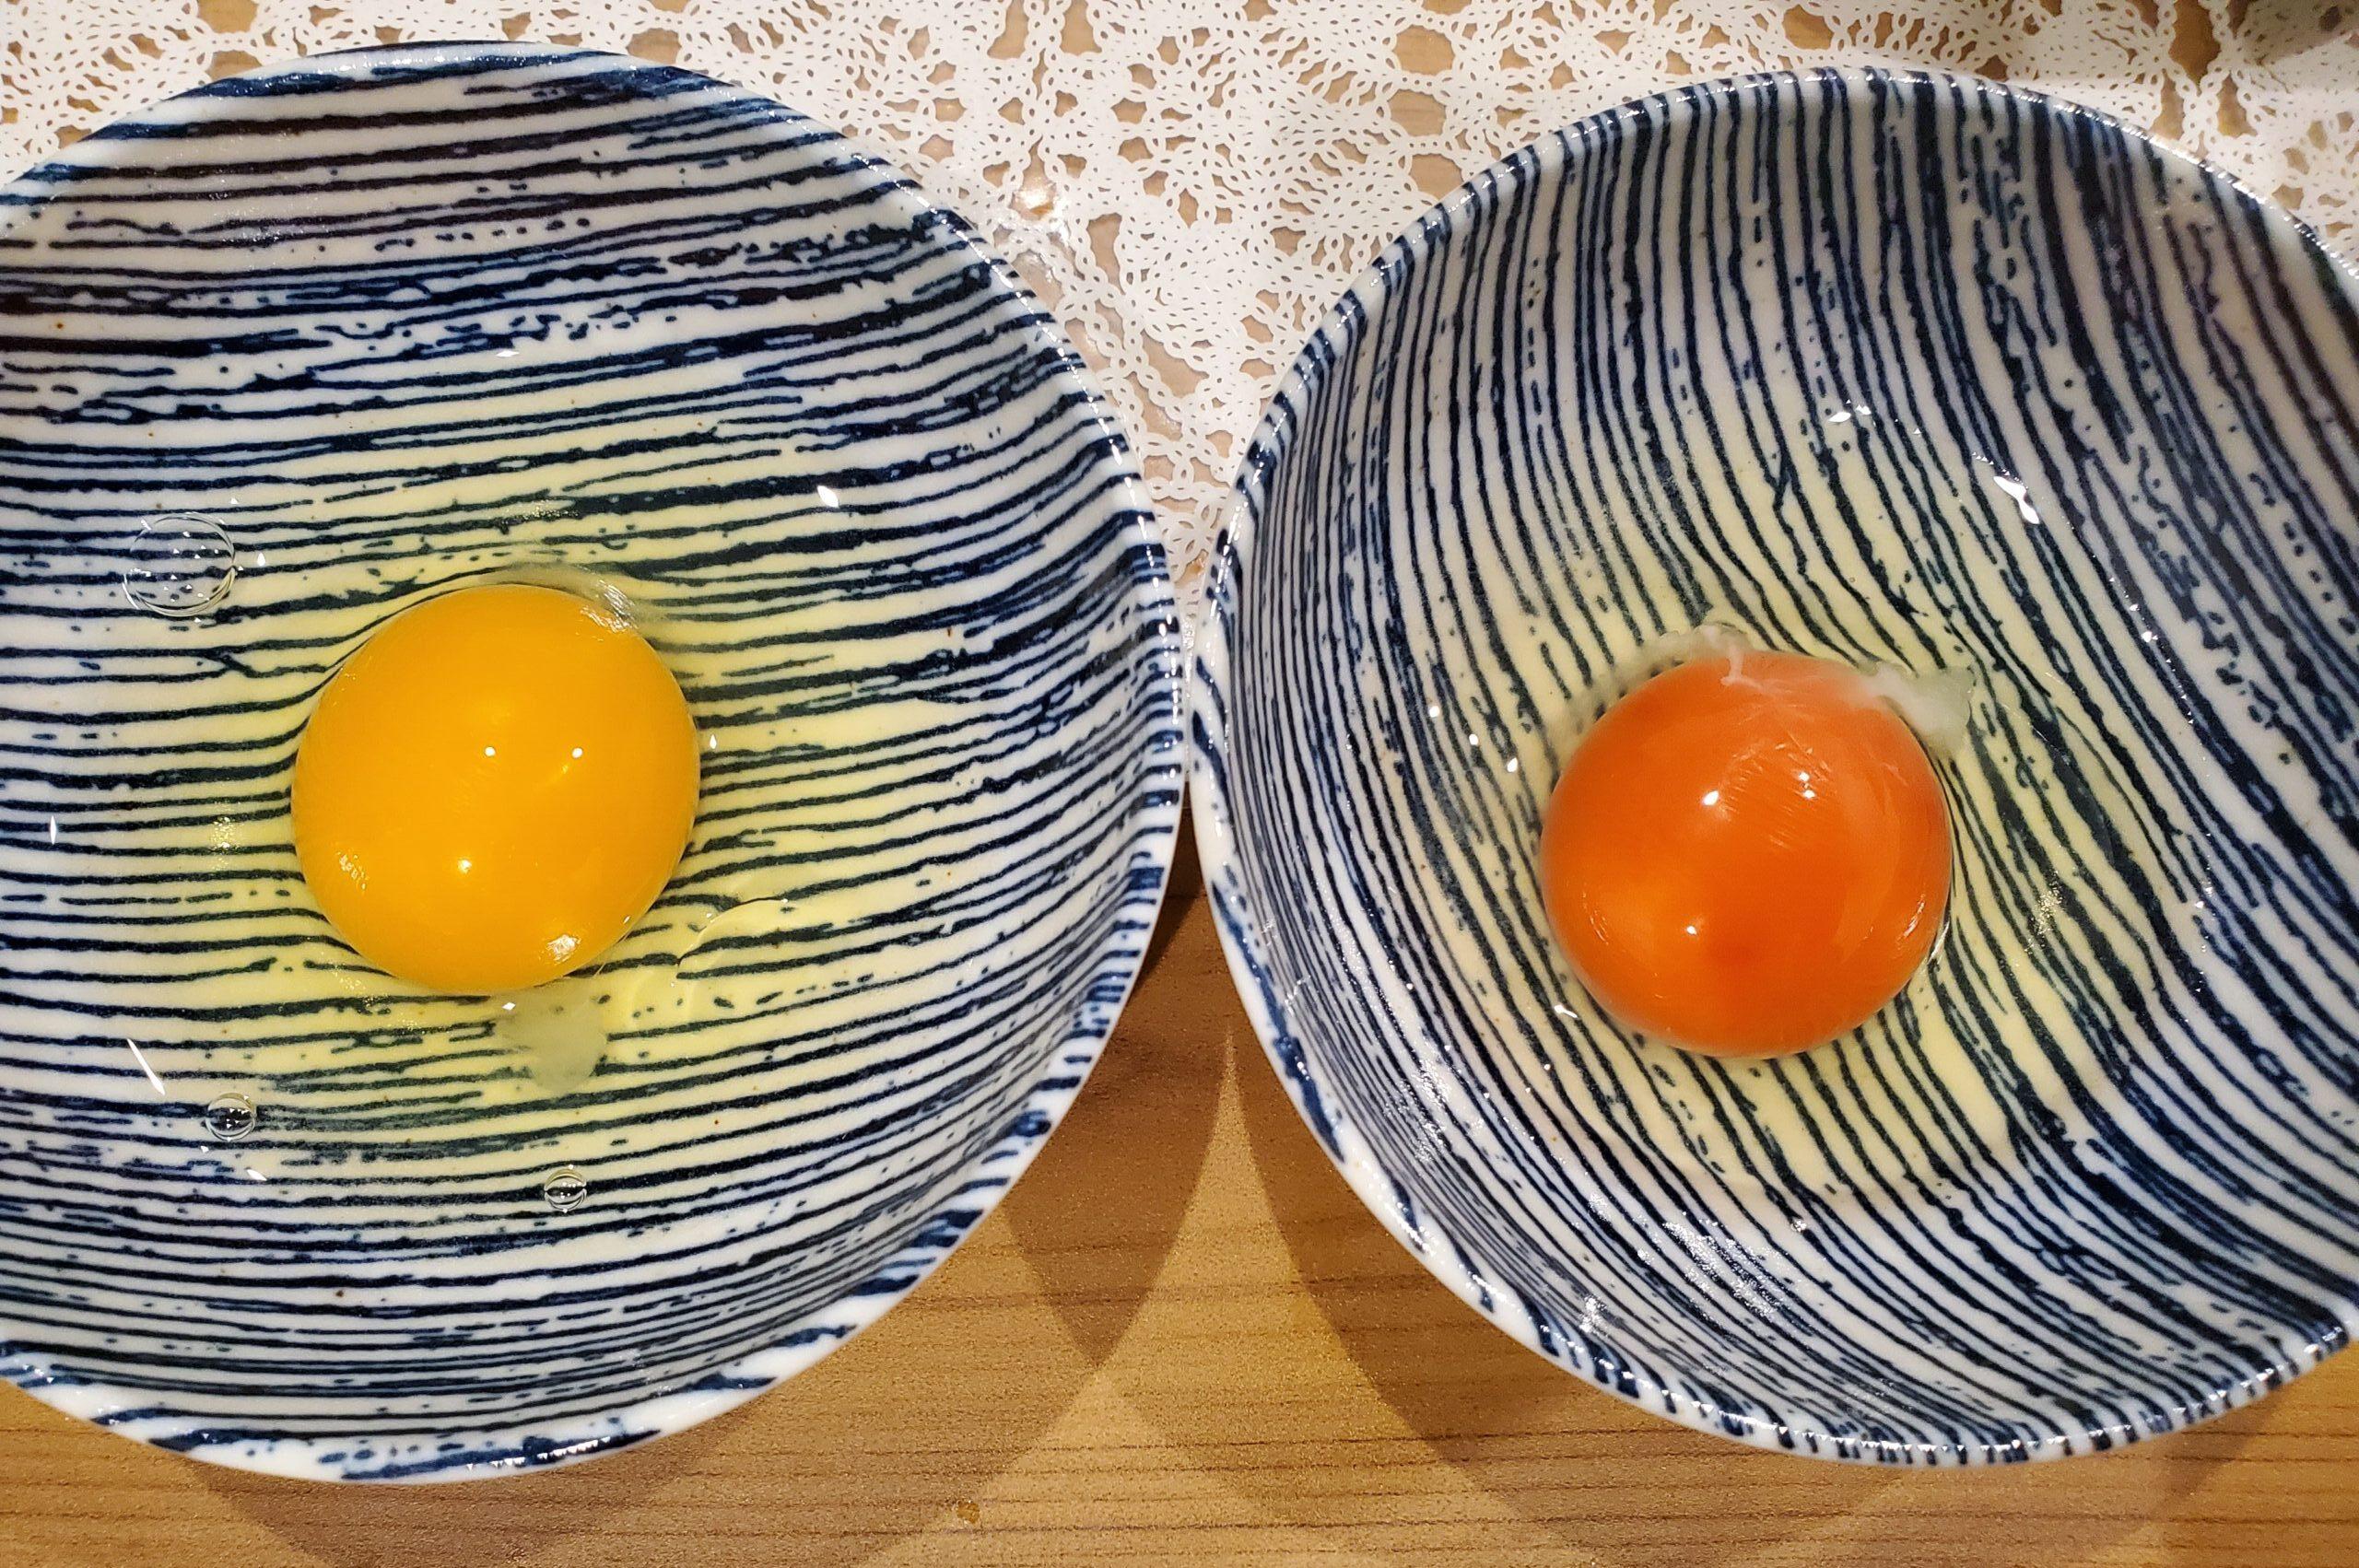 卵比較 アローカナ